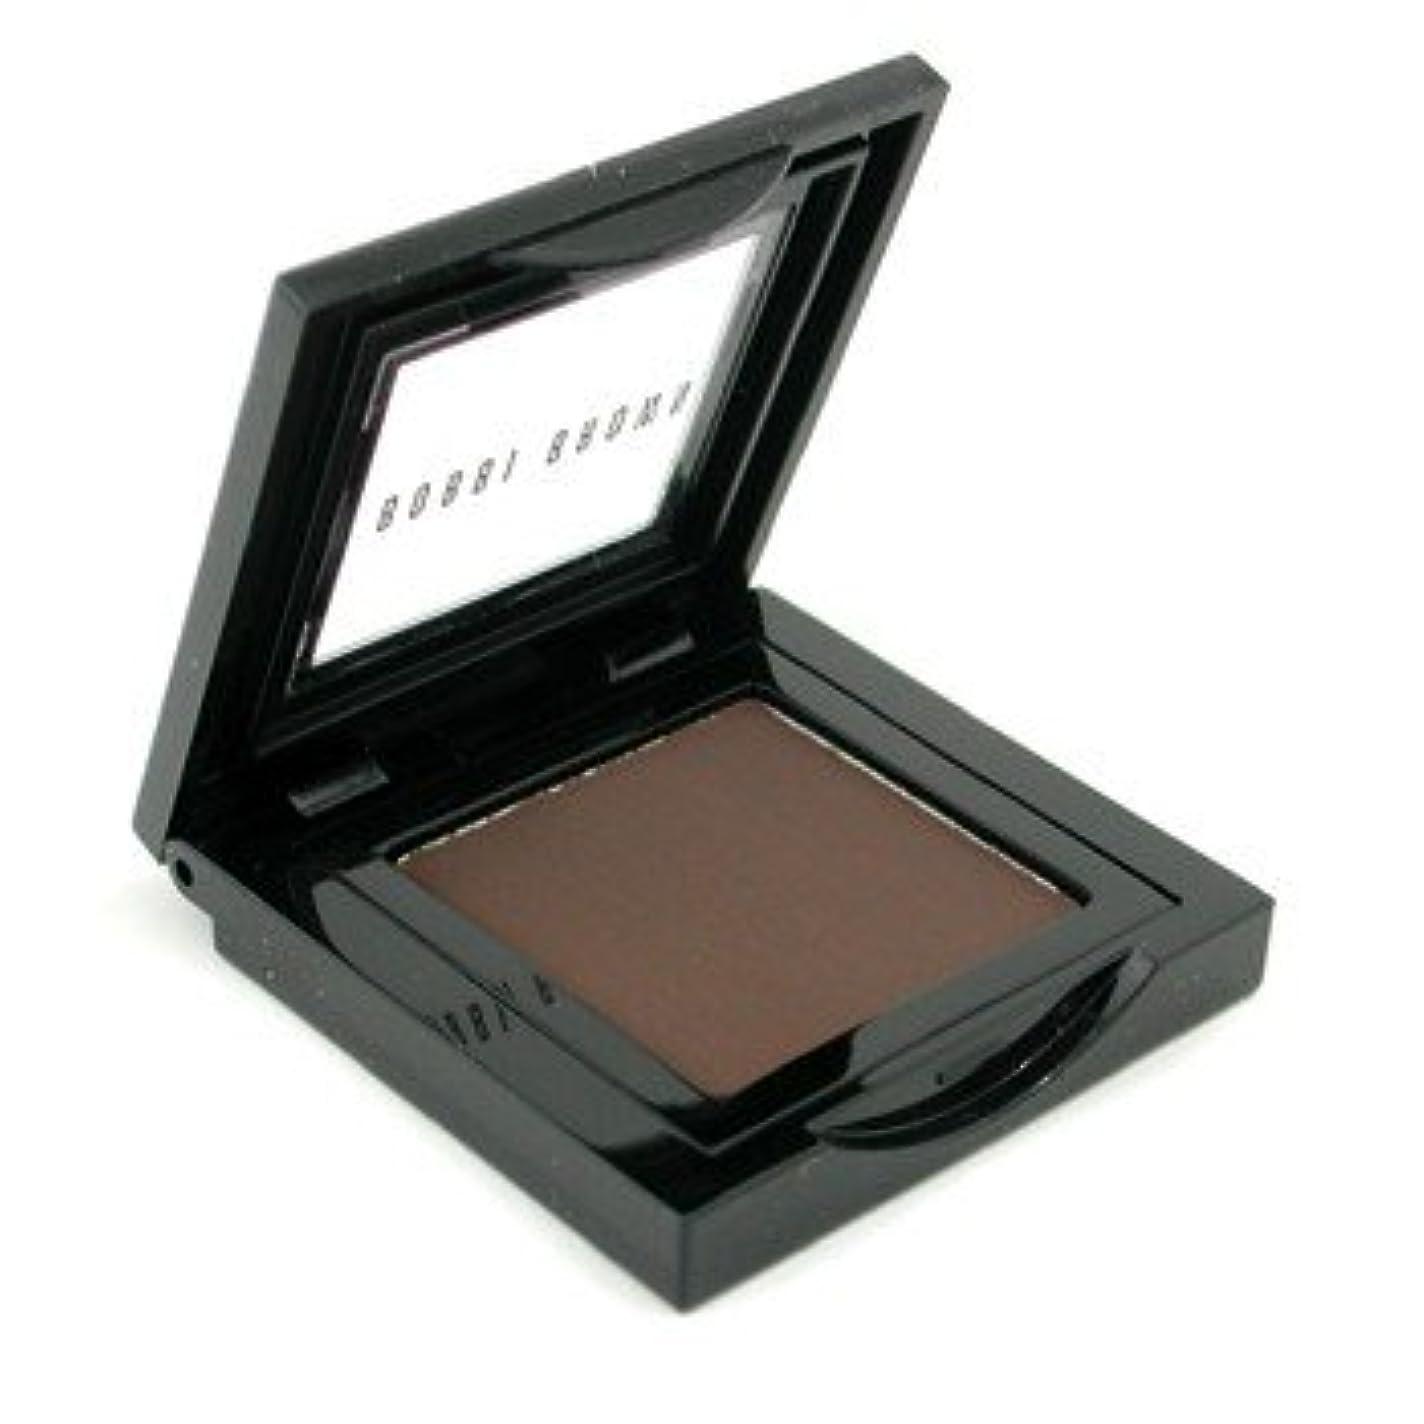 気分ミキサーあからさま[Bobbi Brown] Eye Shadow - #10 Mahogany (New Packaging) 2.5g/0.08oz